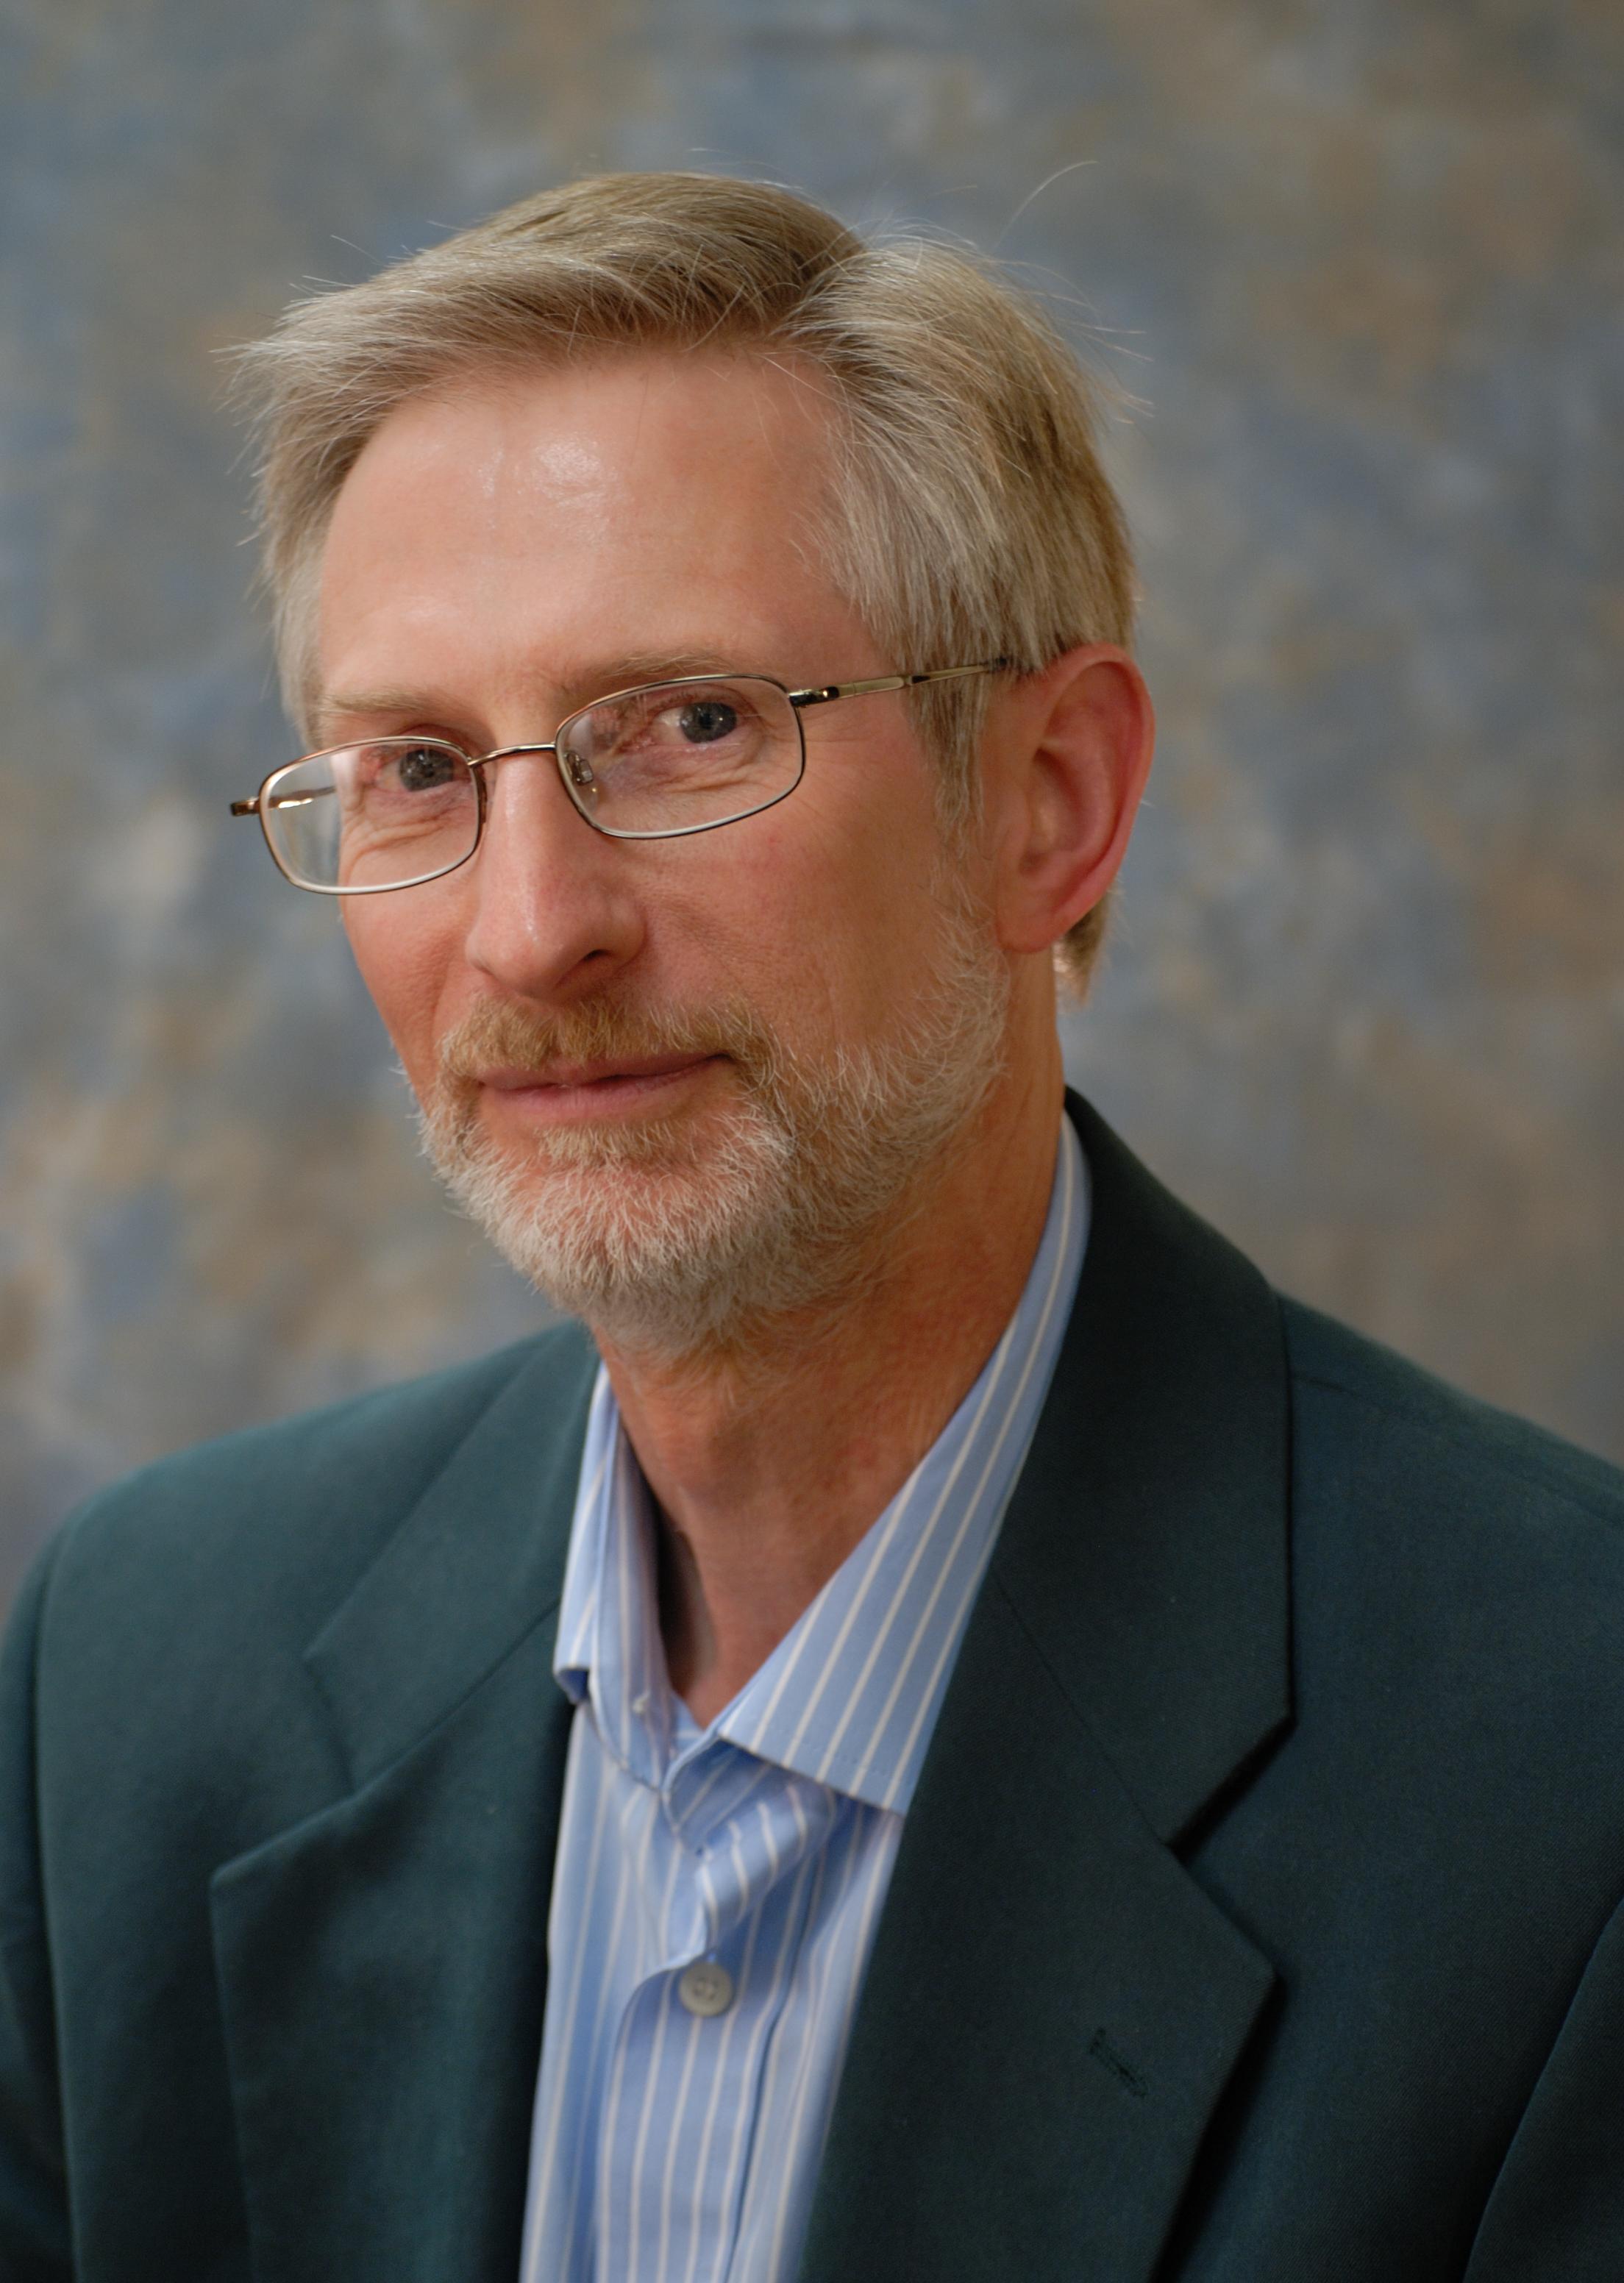 John Windsor